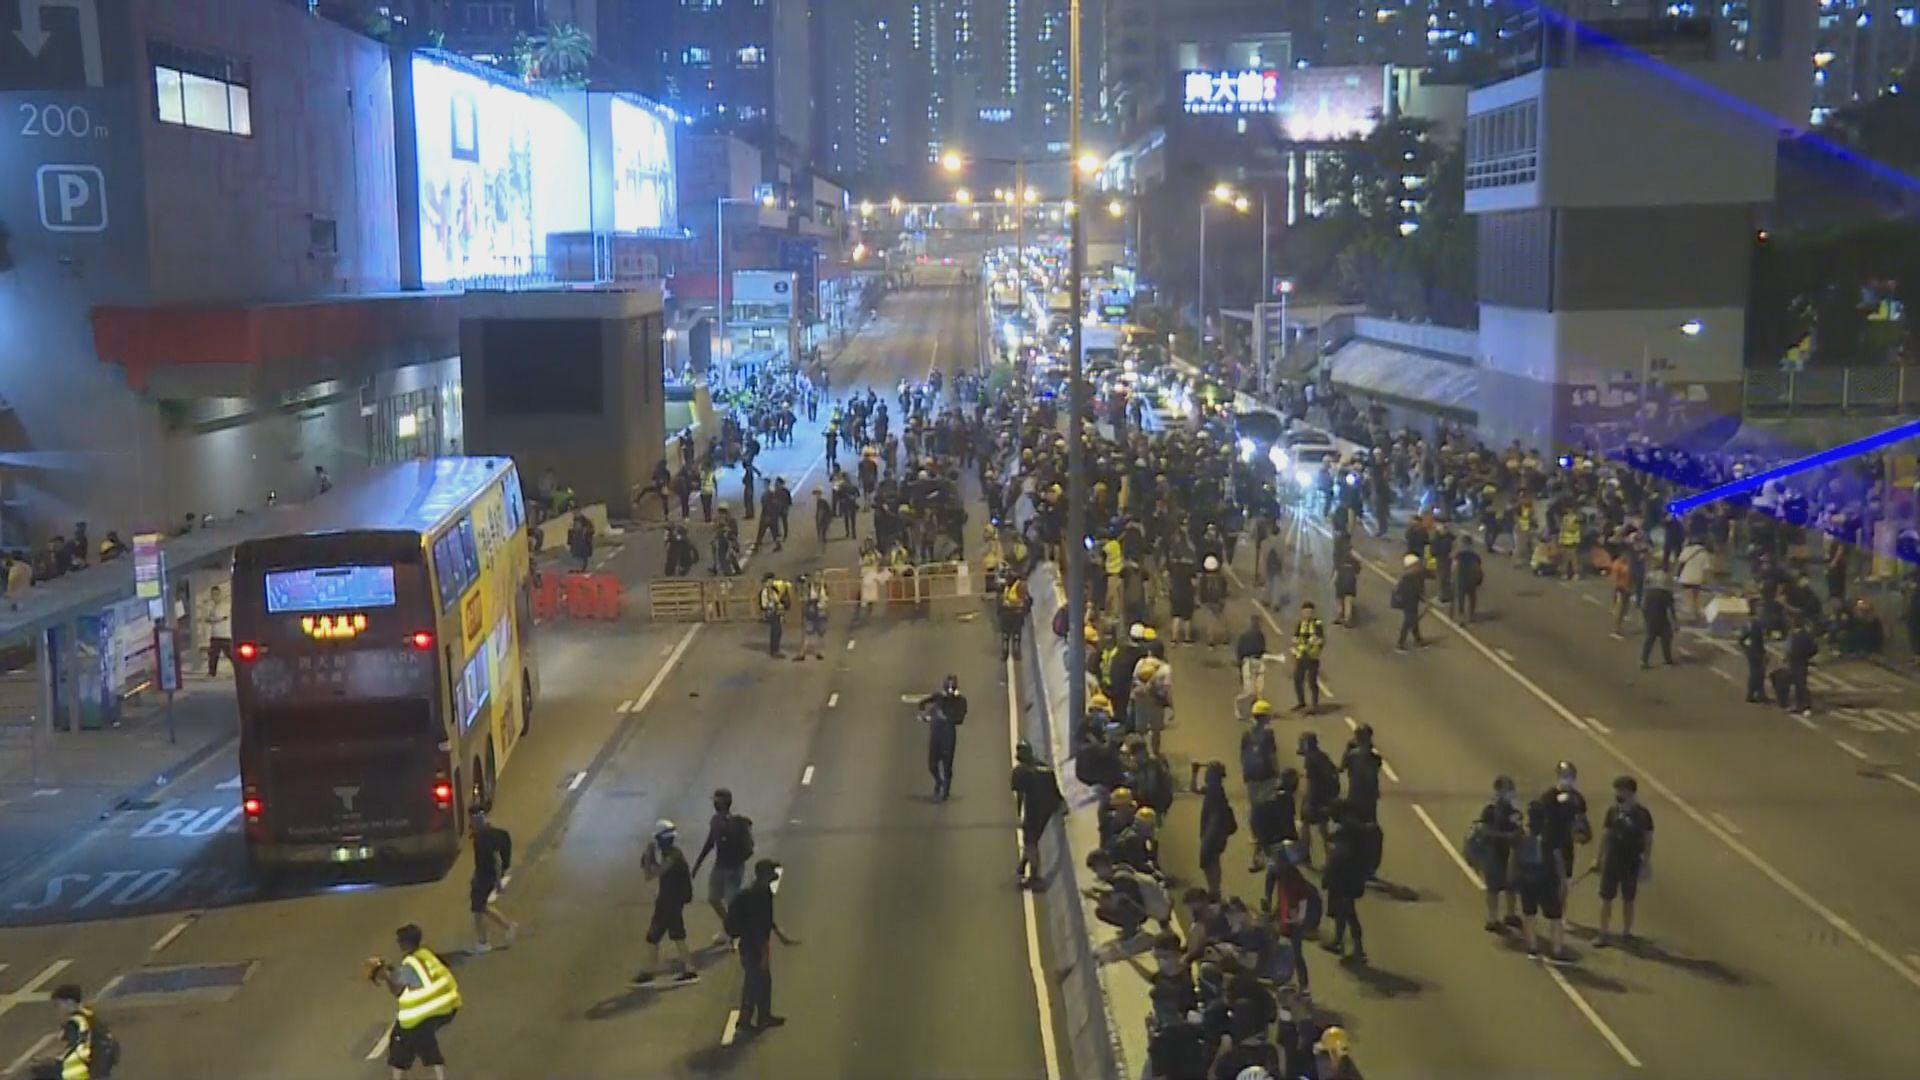 【不斷更新】觀塘遊行後示威者轉至黃大仙及深水埗聚集